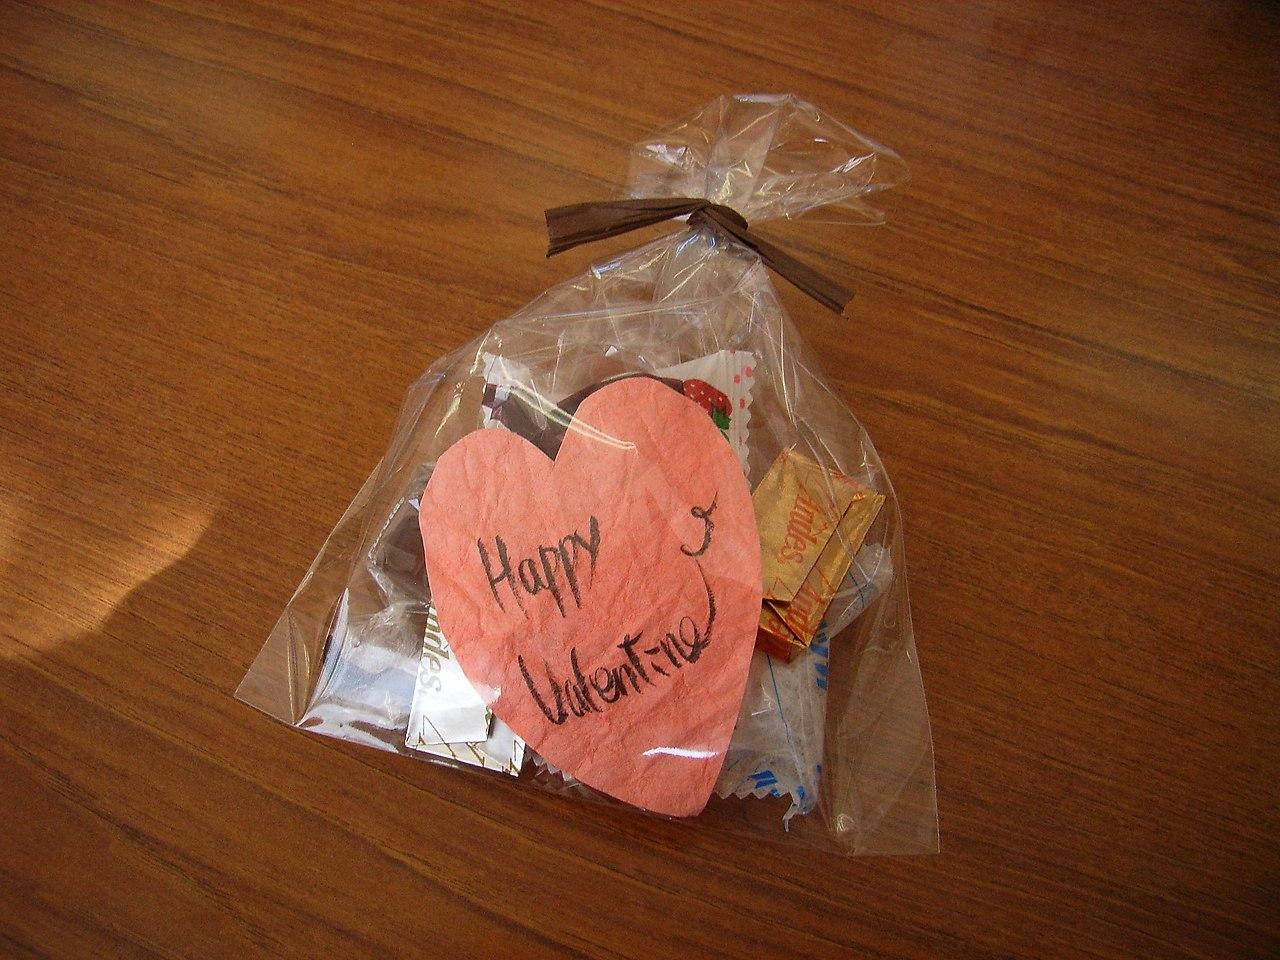 شوكولاتة غيري تشوكو | عبر ويكيميديا